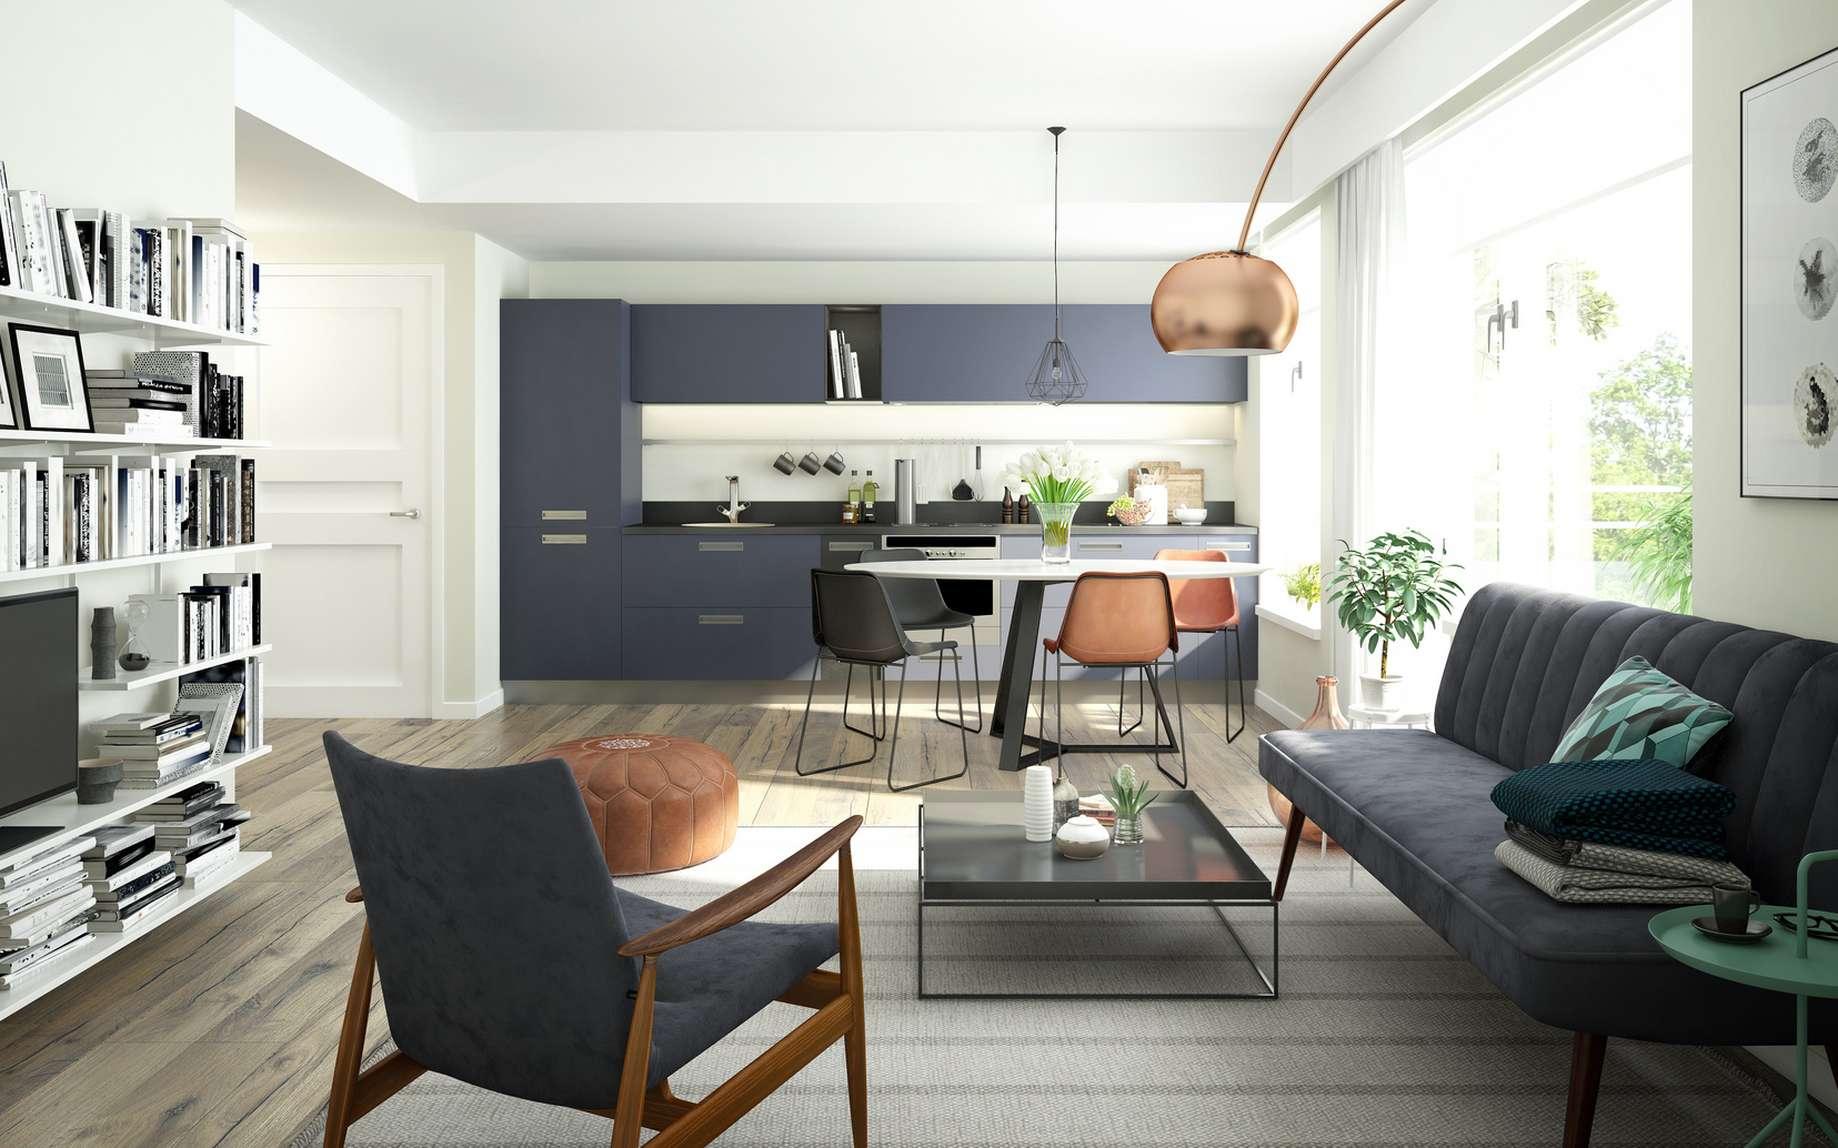 Pour finir septembre en beauté, Futura vous proposent 5 bons plans pour faire des économies sur vos matériaux et meubles pour la maison. © imagewell10, Fotolia